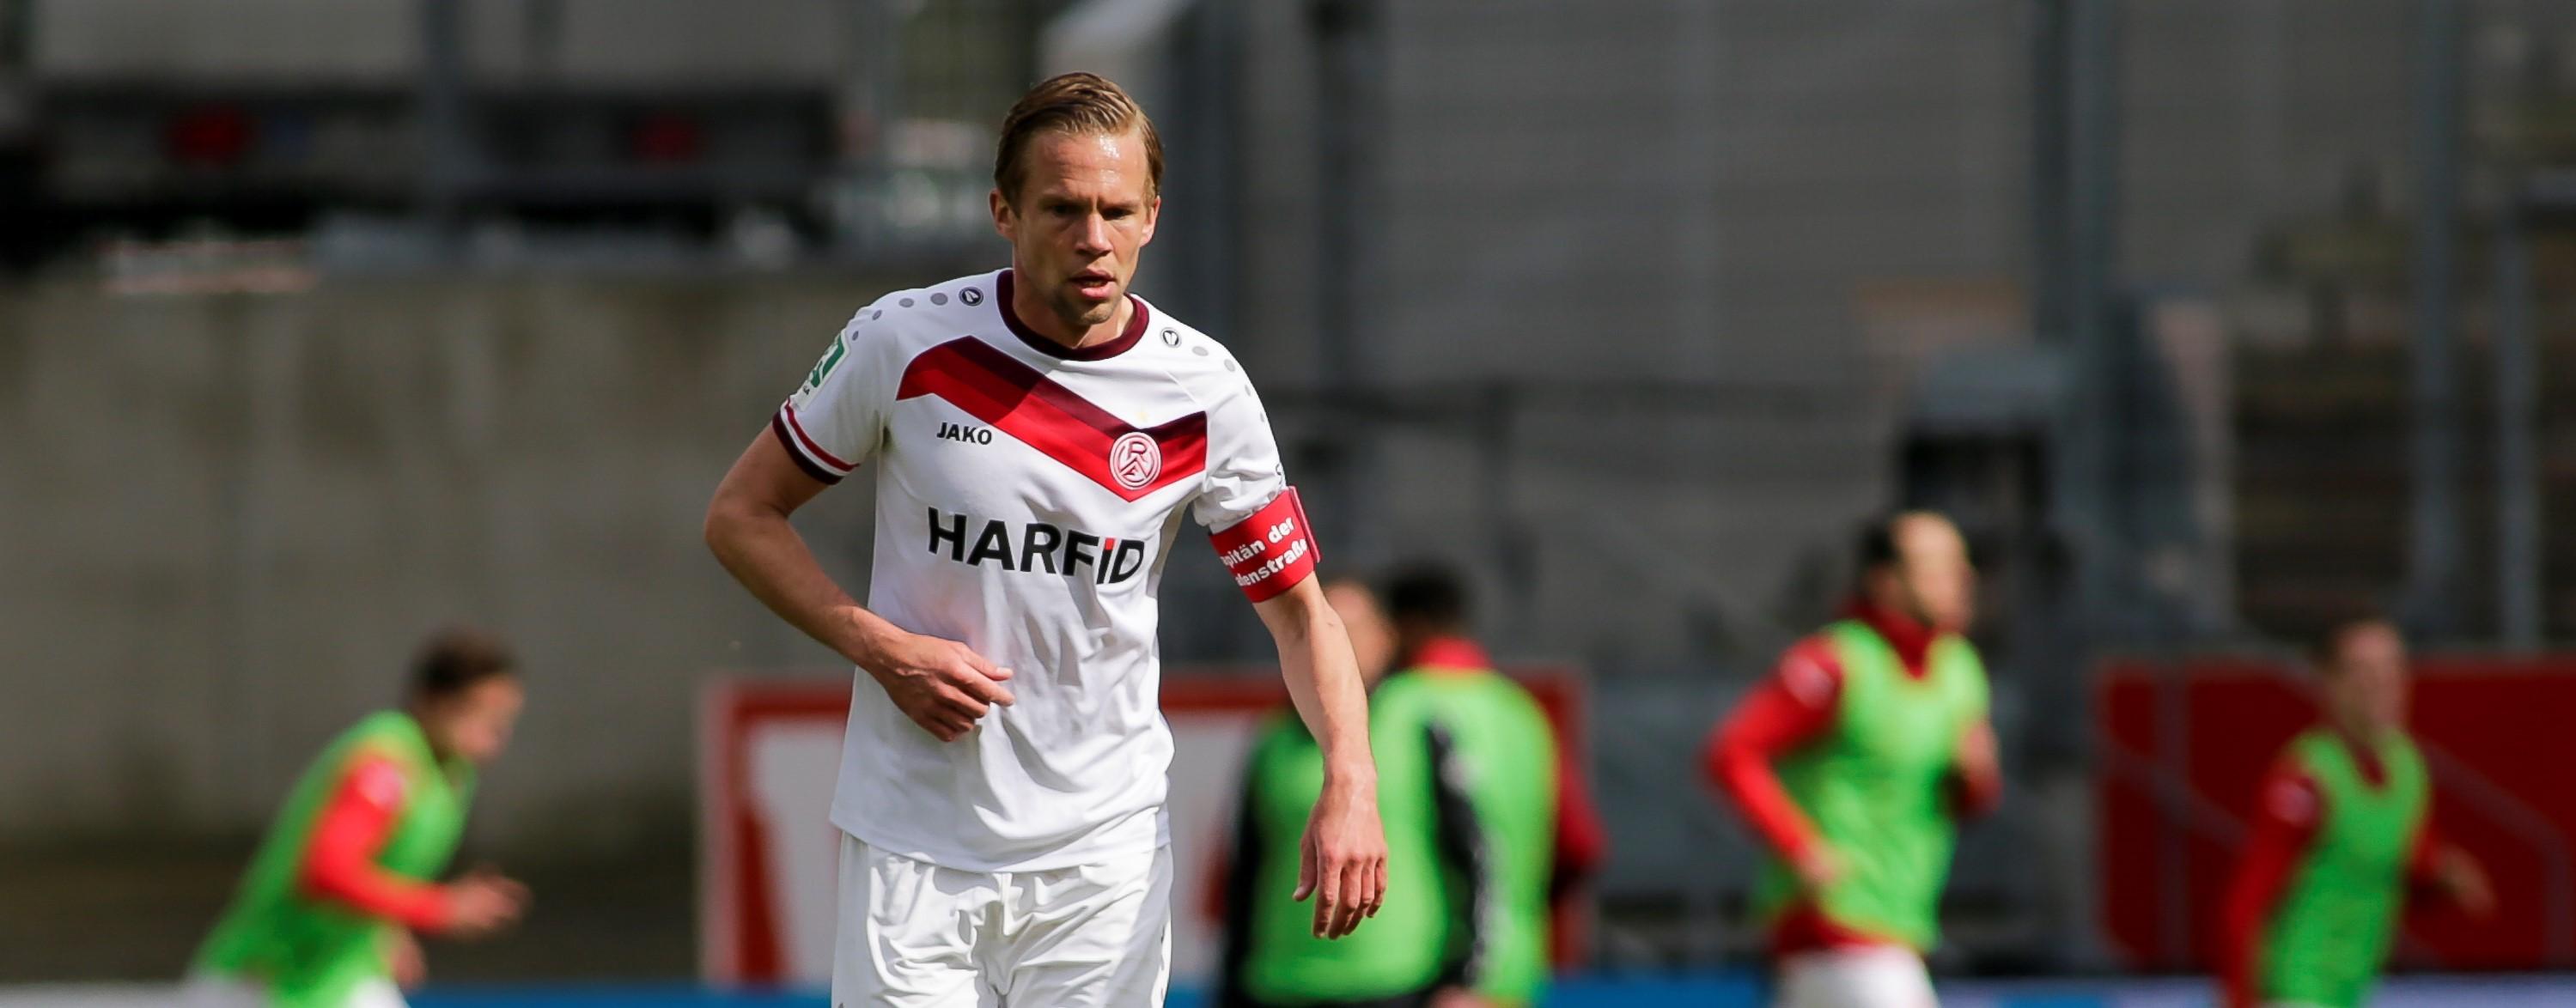 Schon als Vizekapitän Verantwortungsträger: Dennis Grote führt RWE 2021/2022 als Spielführer auf das Feld. (Foto: Endberg)